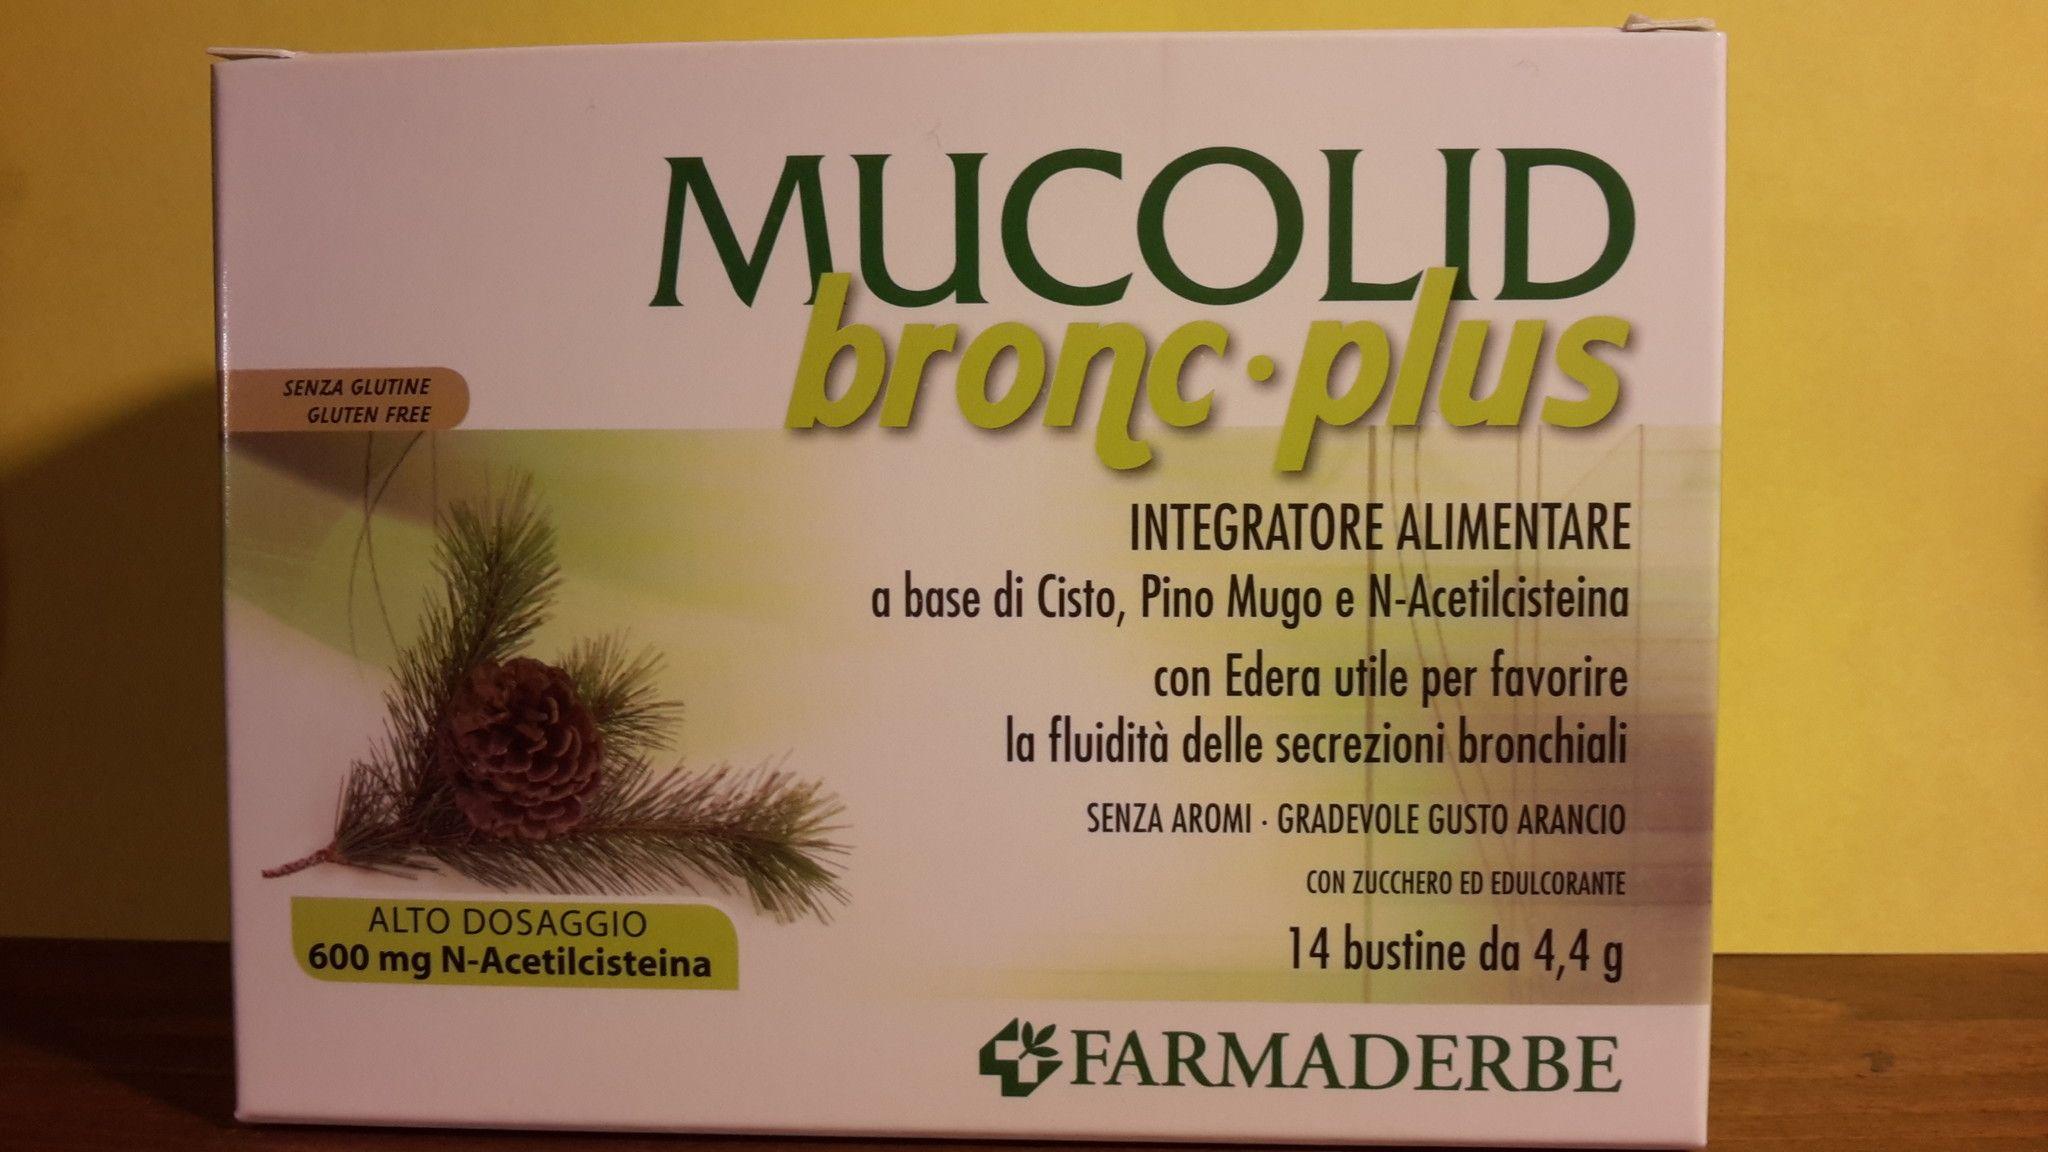 MUCOLID bronc- plus  TOSSE  14 buste  Alto dosaggio- FARMADERBE